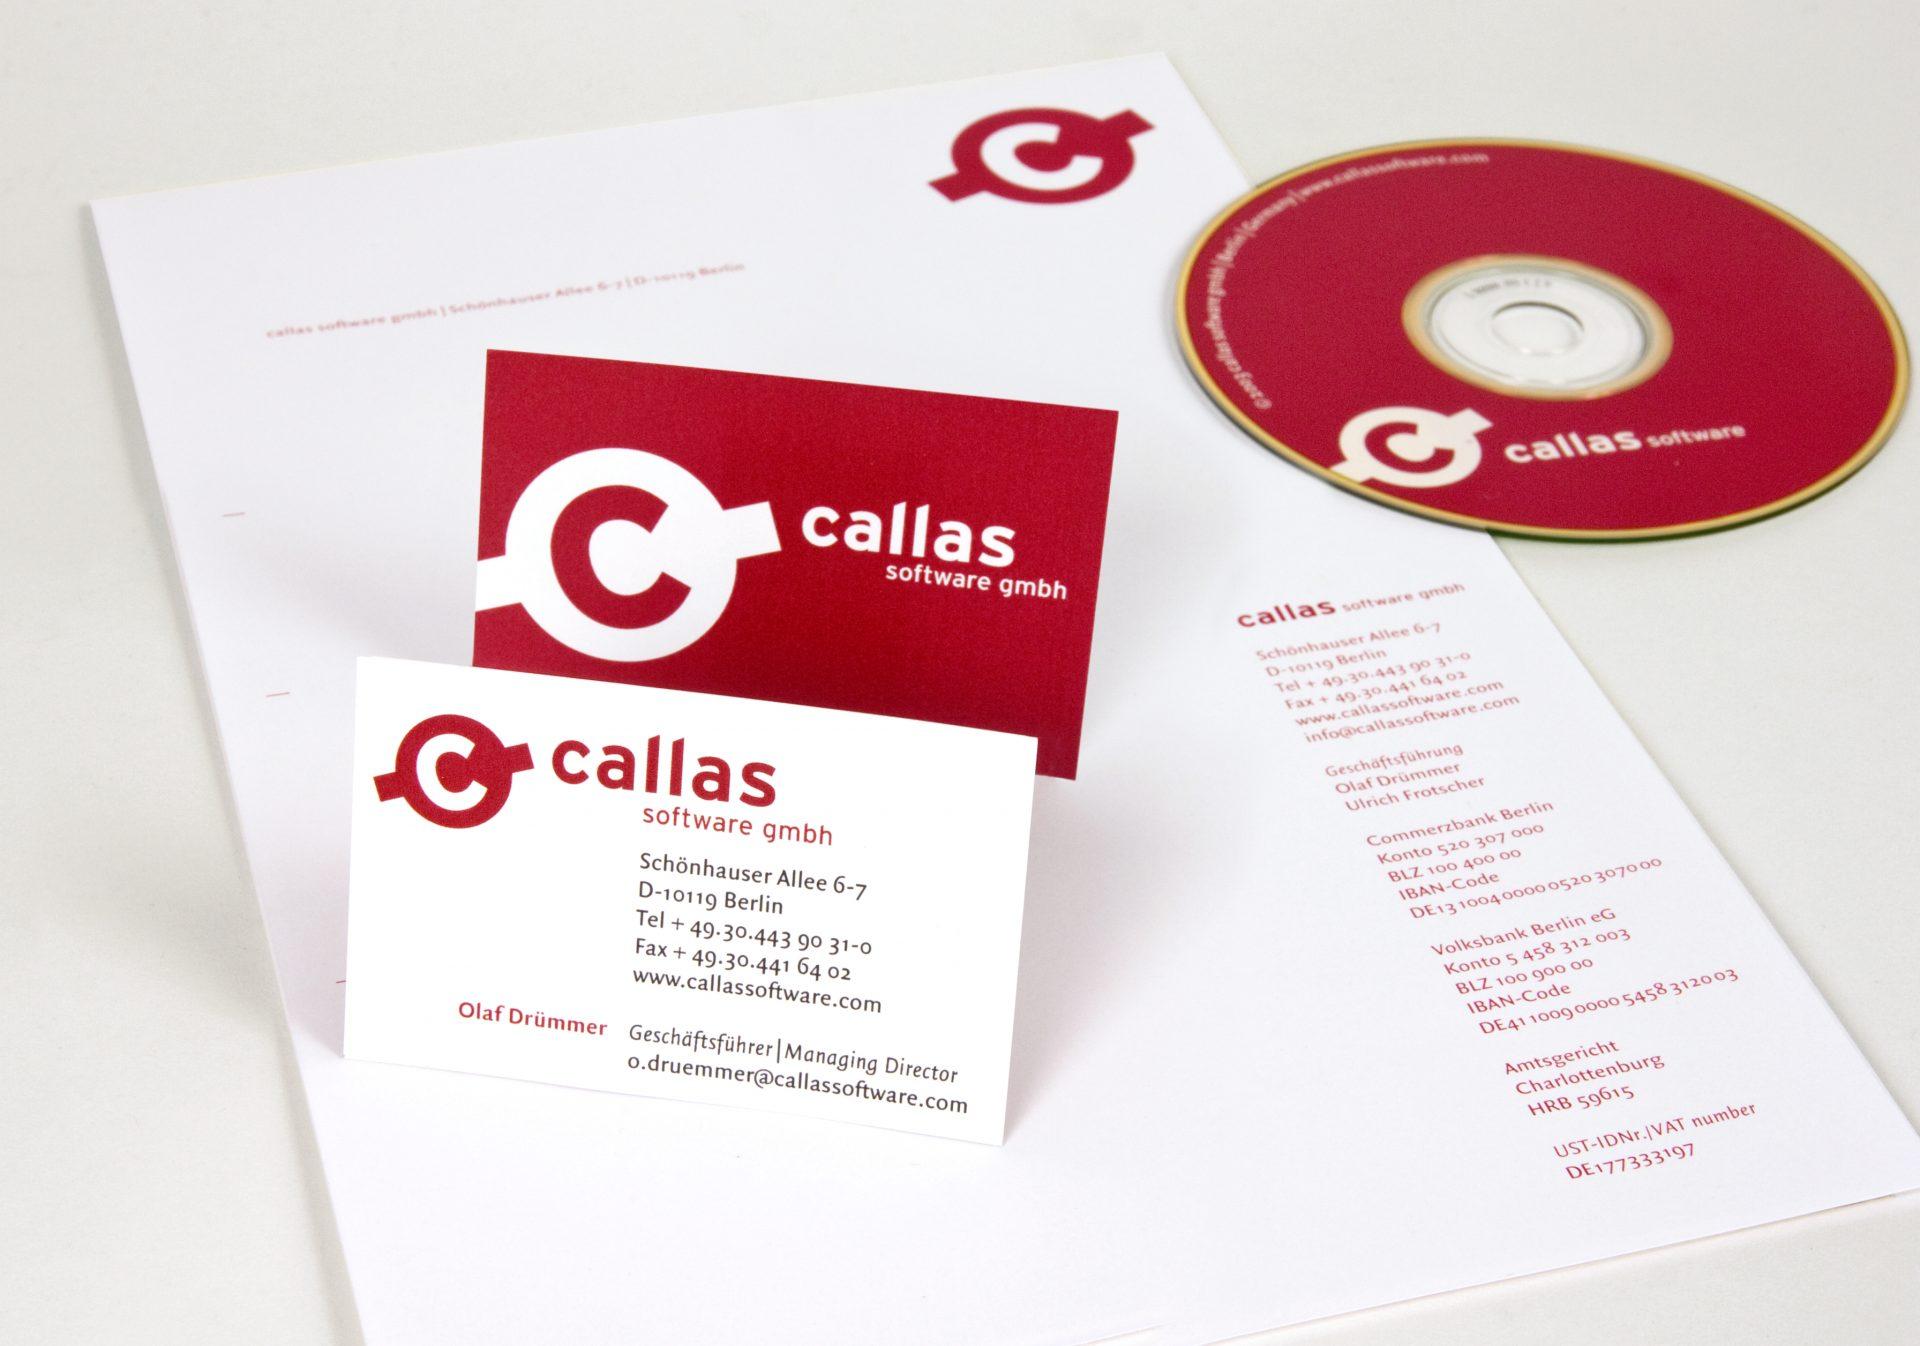 corporatedesign-callas-geschaeftsausstattung-copyright-typoly